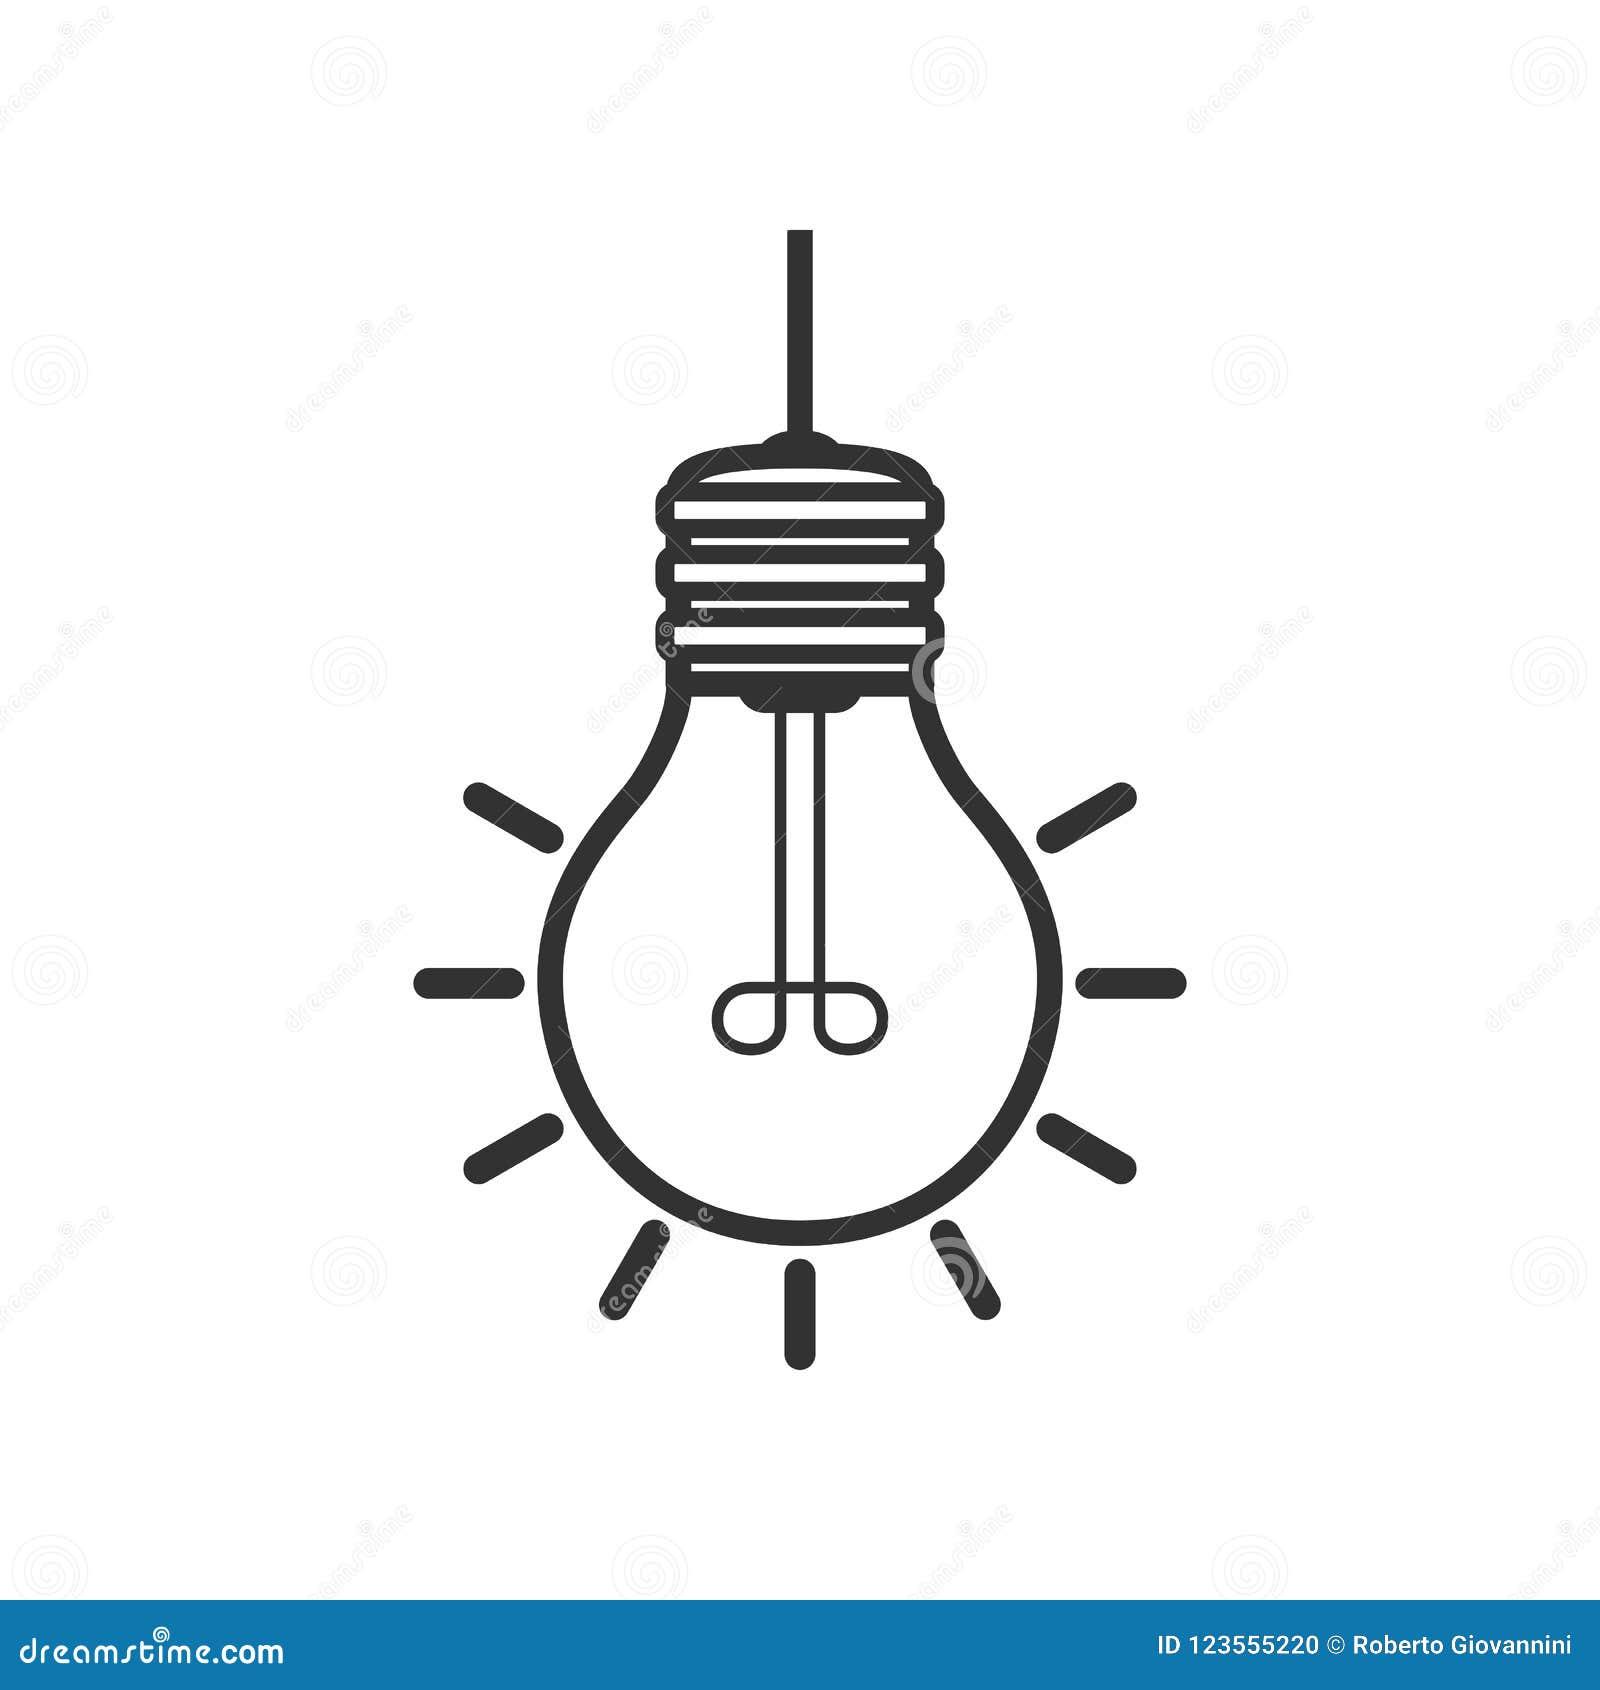 Icono plano del esquema brillante de la bombilla en blanco